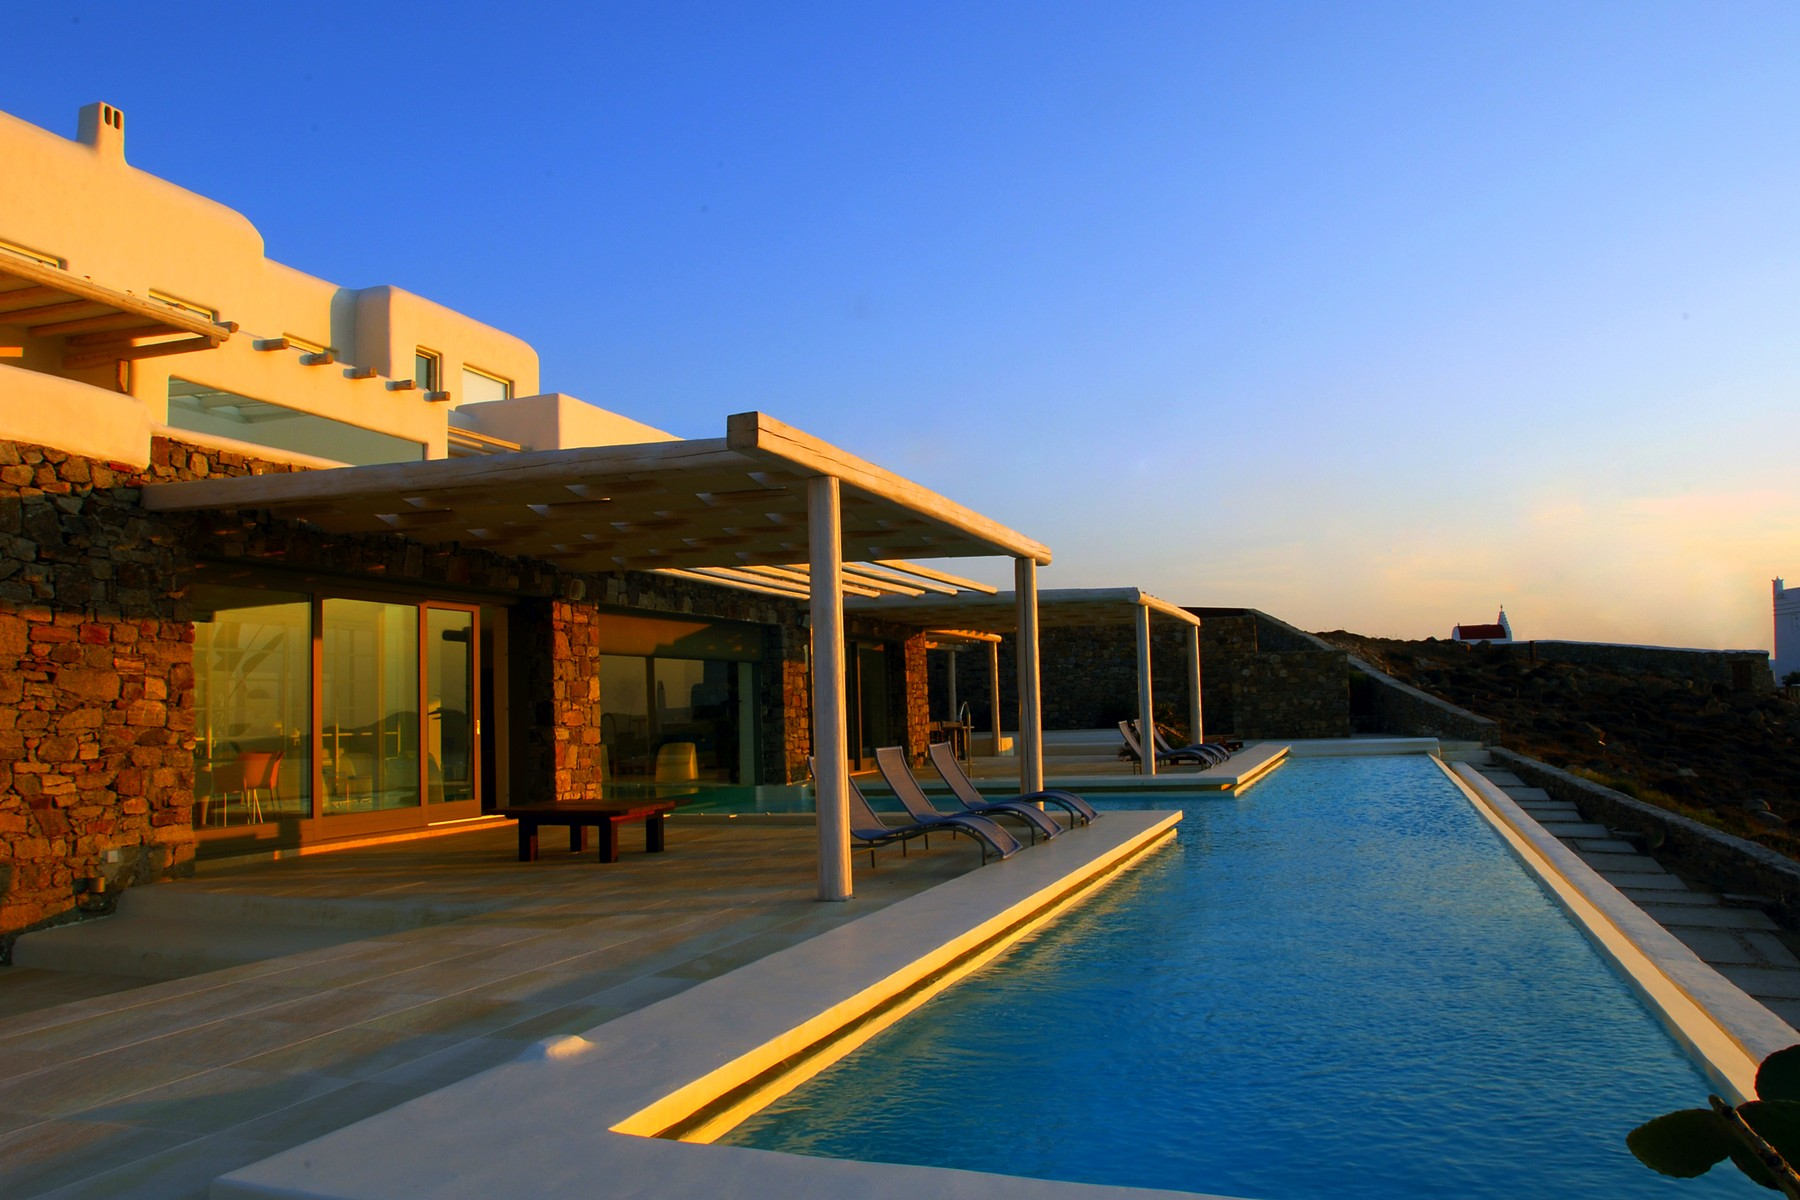 Moradia para Venda às Jewel by the Sea Mykonos, Sul Do Mar Egeu, 84600 Grécia